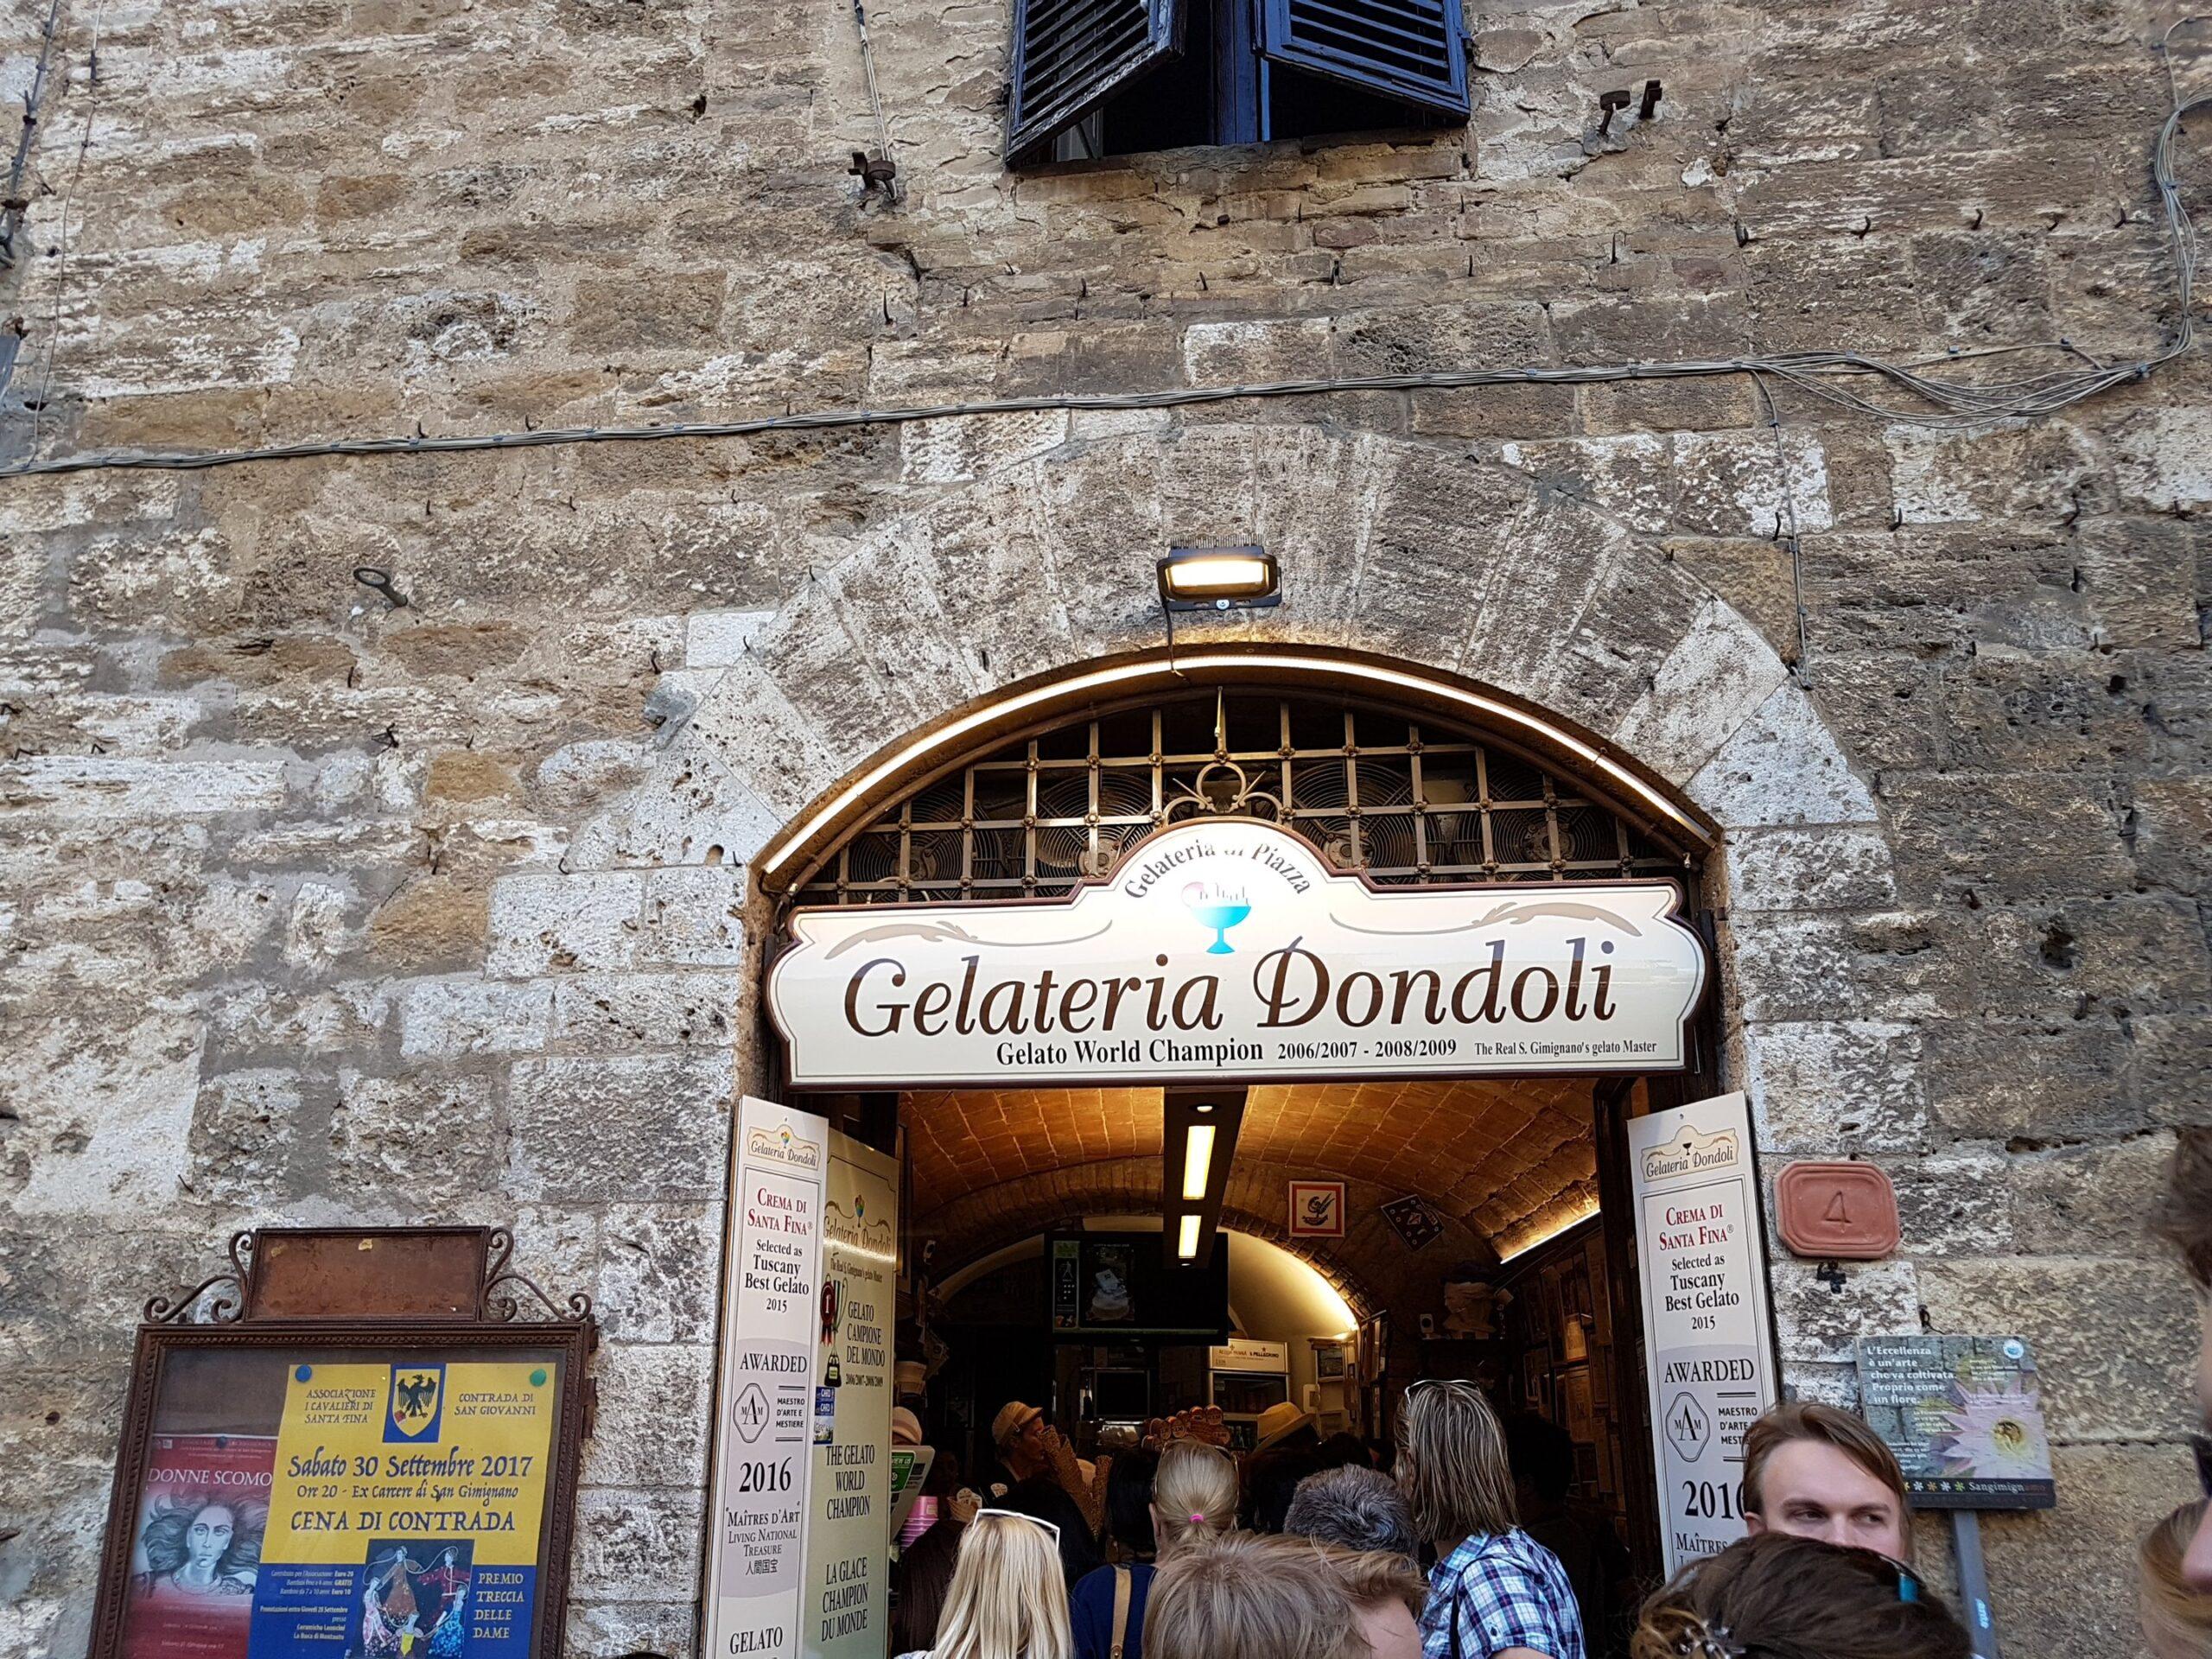 Na Toscana, experimente um dos melhores gelatos do mundo – Dondoli!